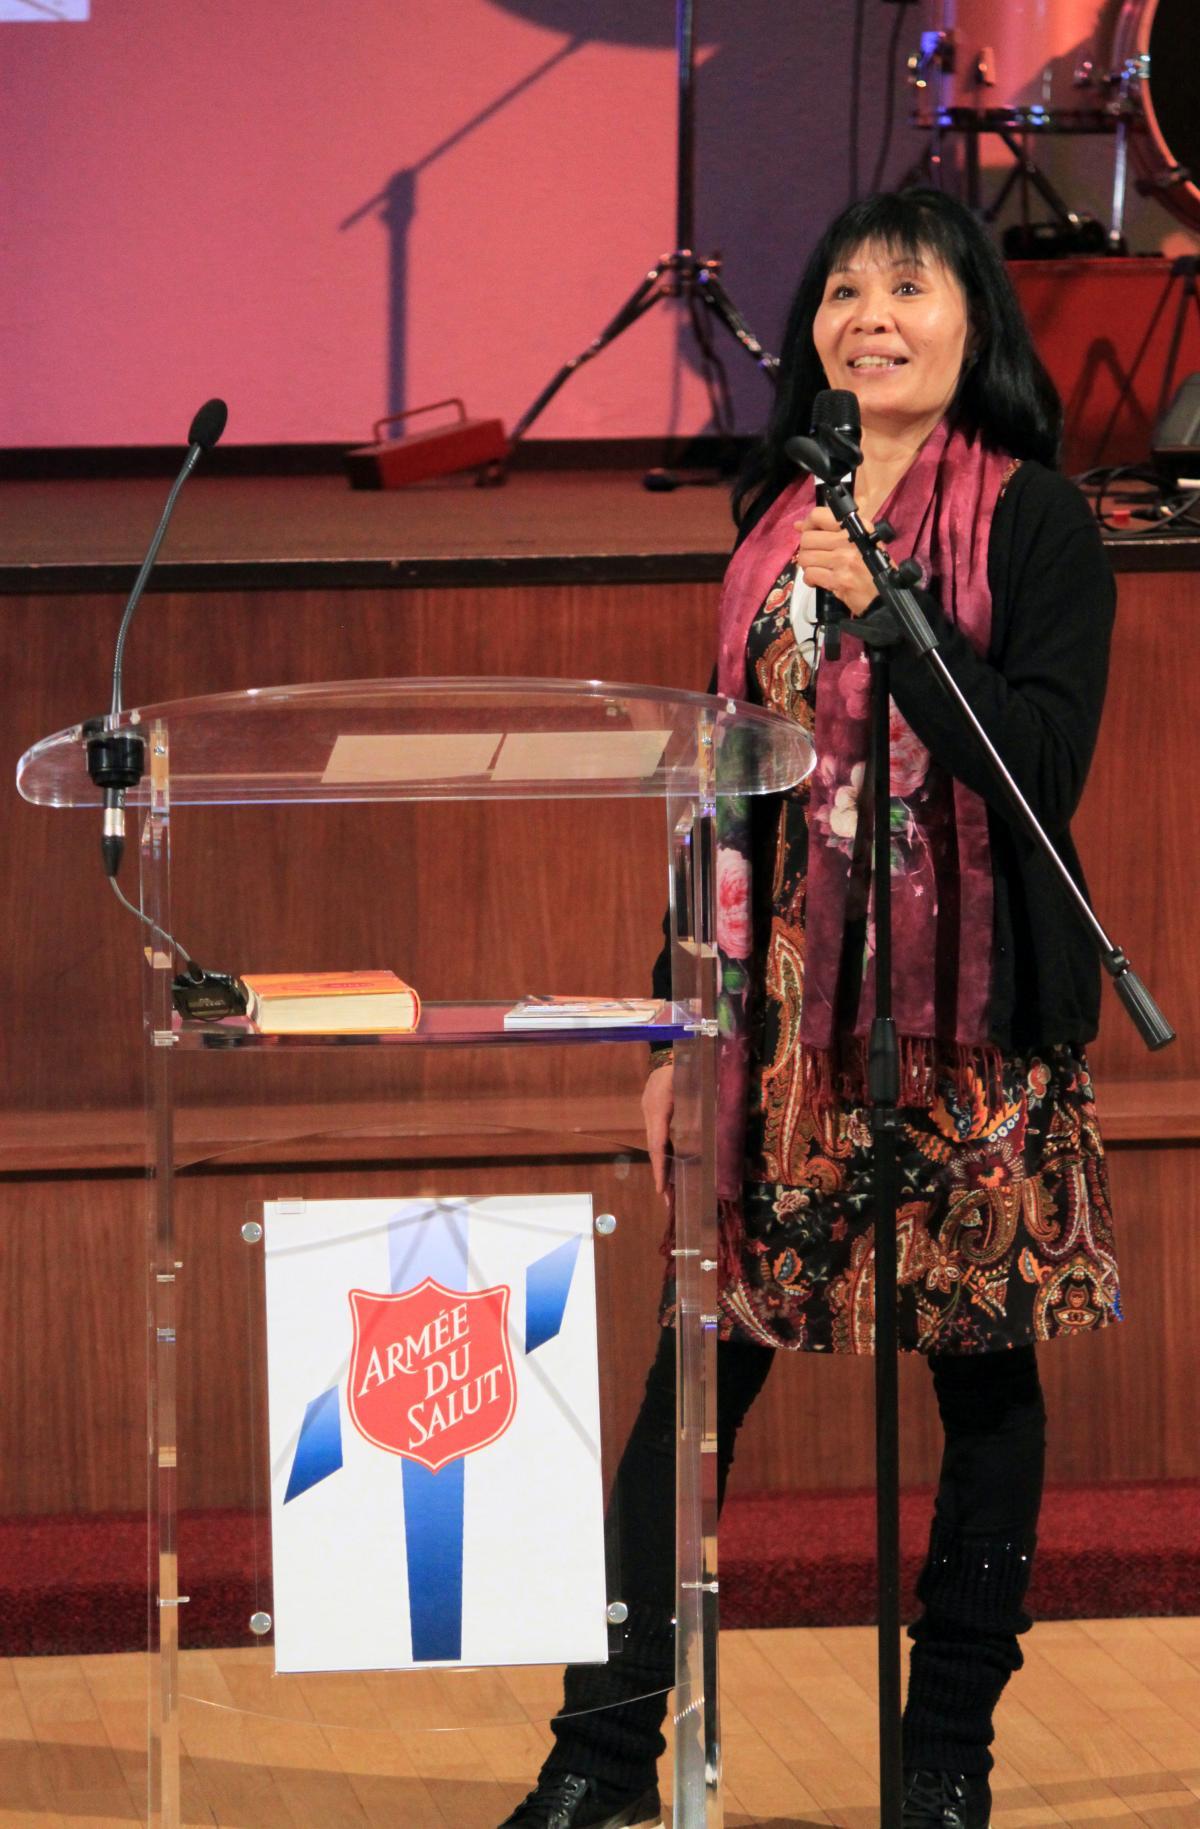 Tuyêt Trinh Geiser donne son témoignage